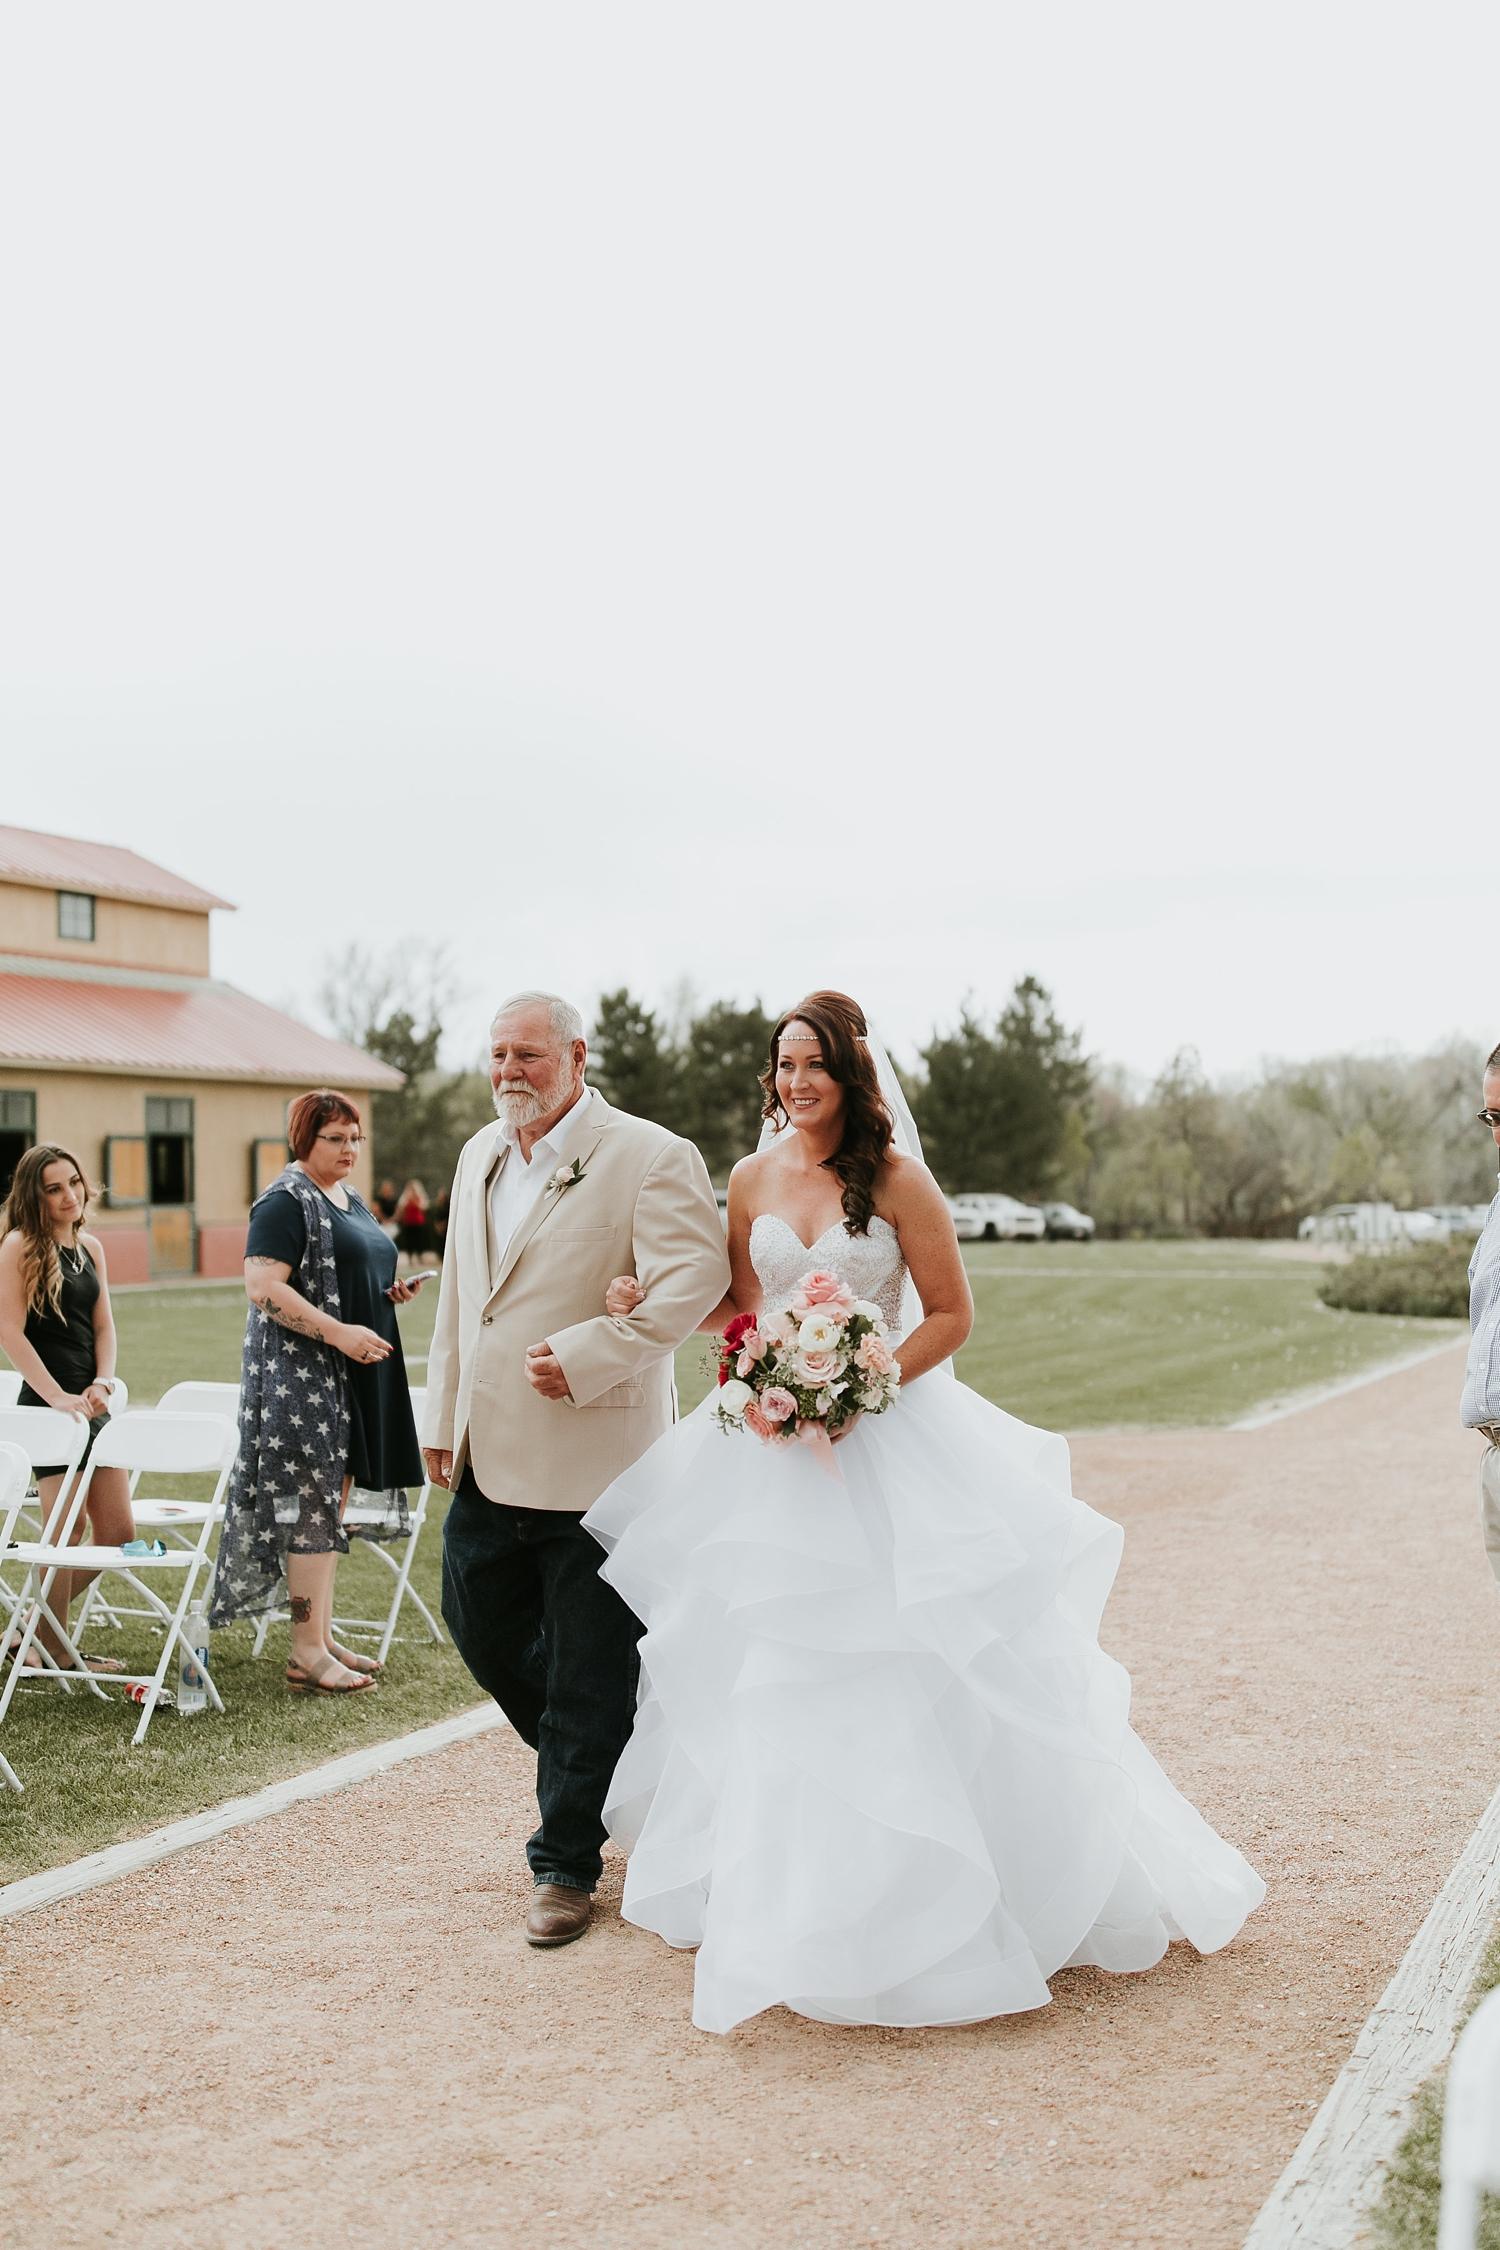 Alicia+lucia+photography+-+albuquerque+wedding+photographer+-+santa+fe+wedding+photography+-+new+mexico+wedding+photographer+-+new+mexico+engagement+-+la+mesita+ranch+wedding+-+la+mesita+ranch+spring+wedding_0030.jpg